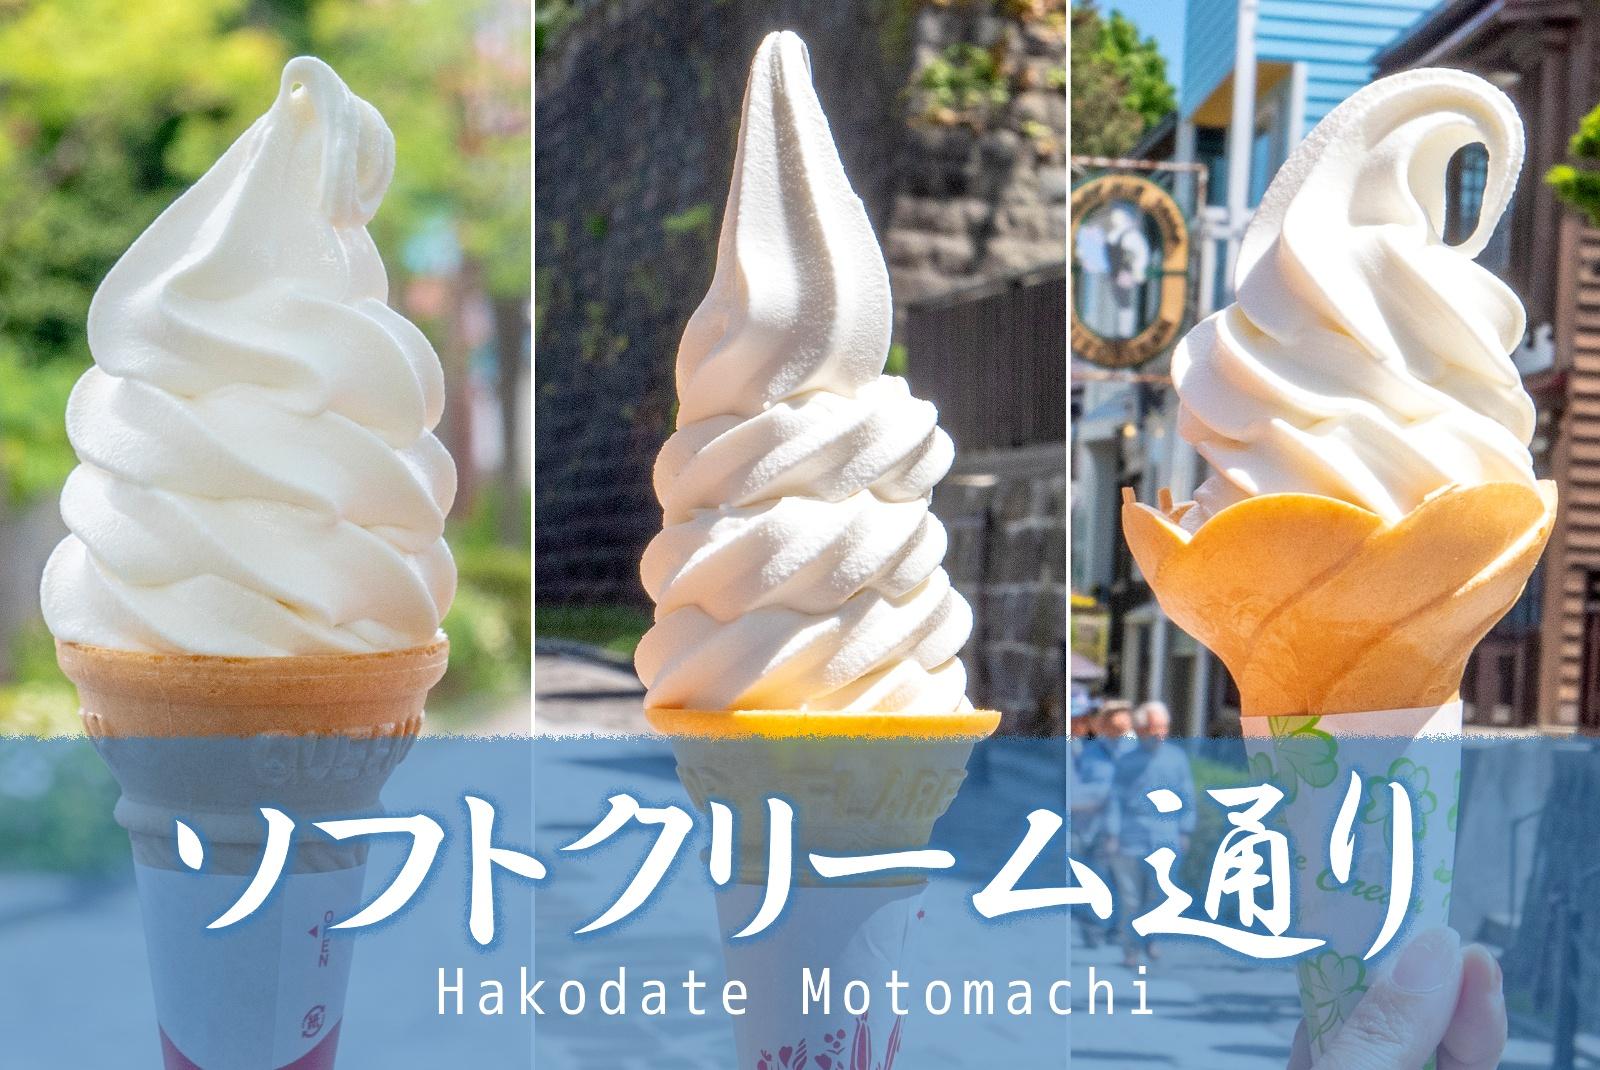 函館元町ソフトクリーム通りで食べ比べしたいソフトクリーム3選